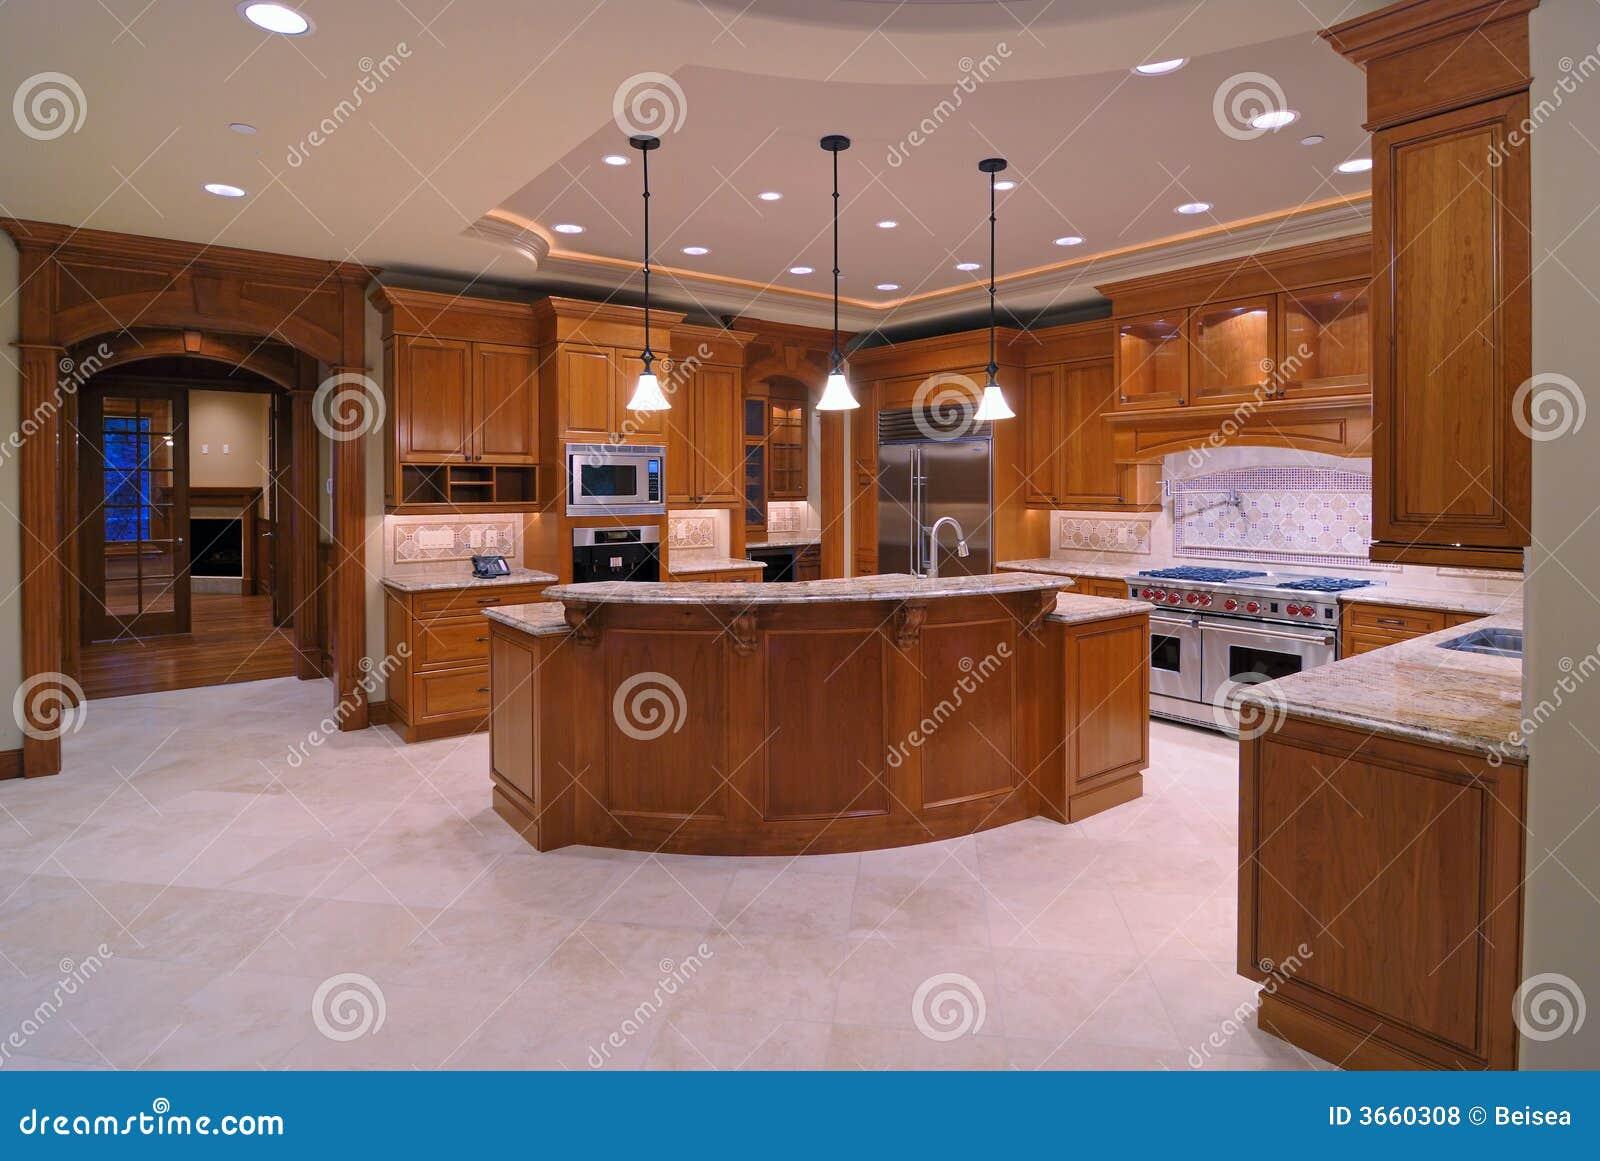 Amerikanische kuche ~ Raum Haus mit interessanten Ideen